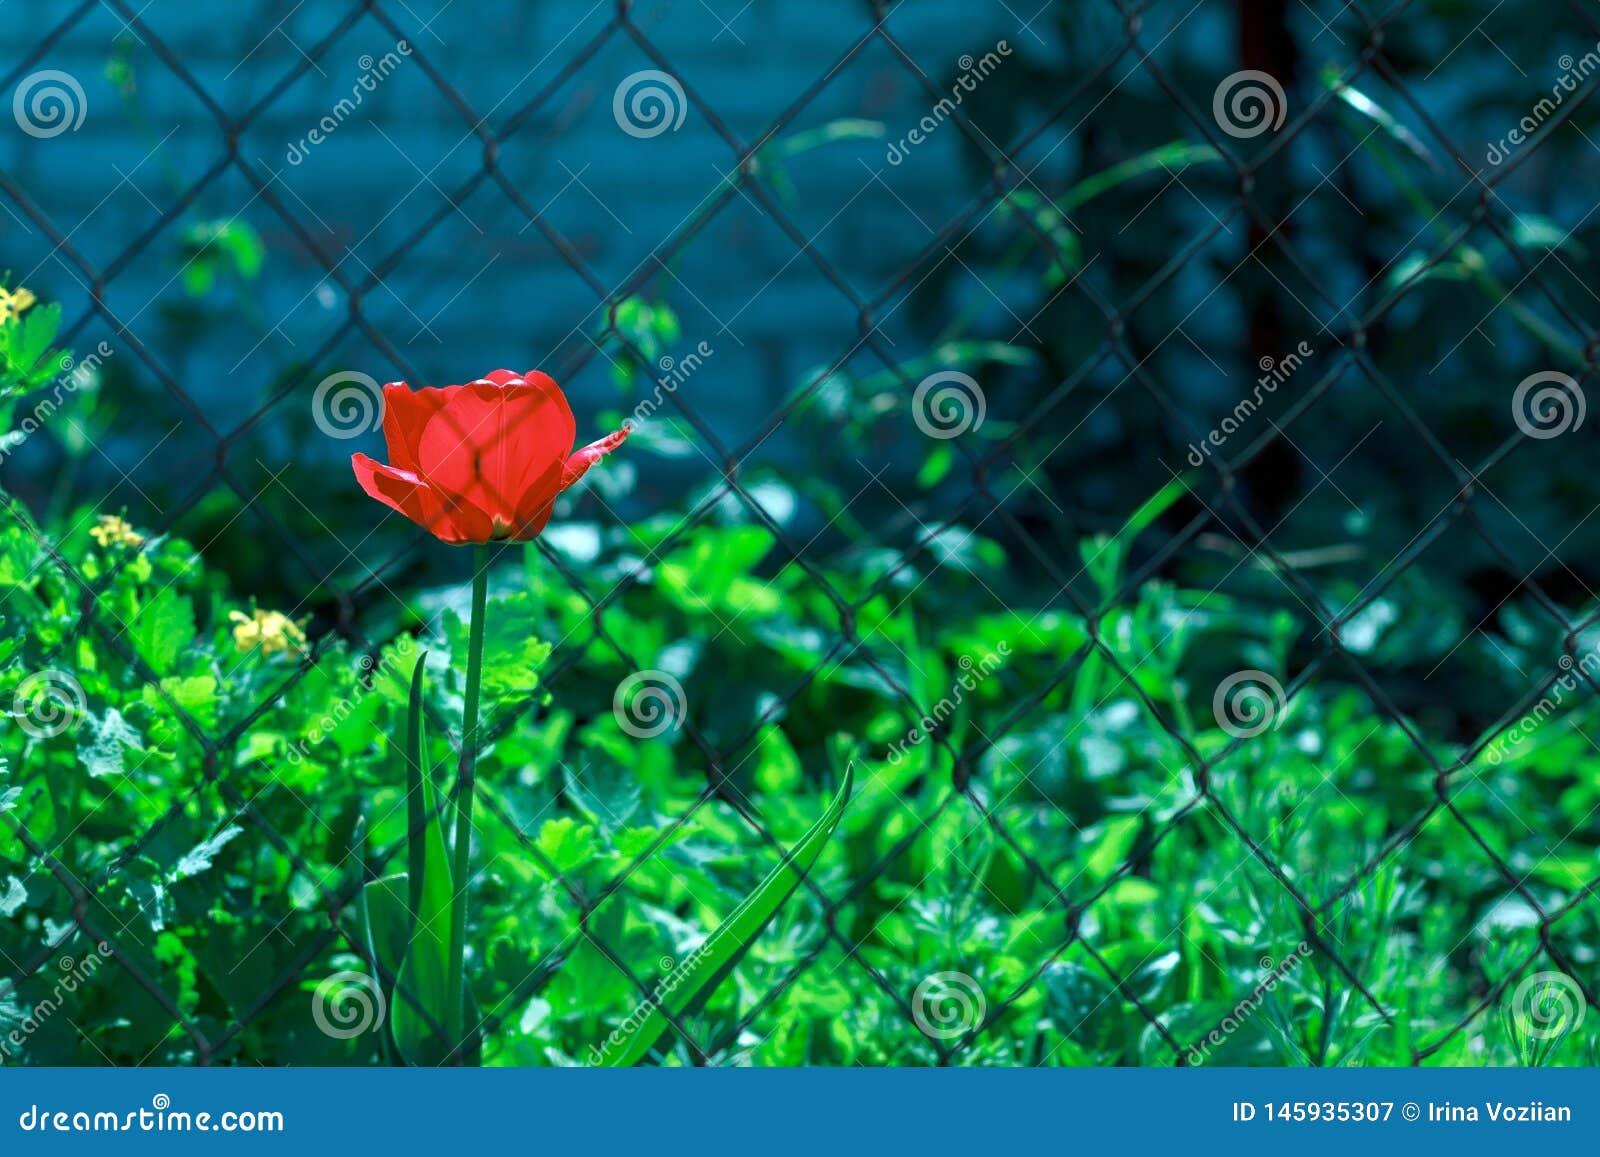 Flor vermelha da tulipa atrás das barras